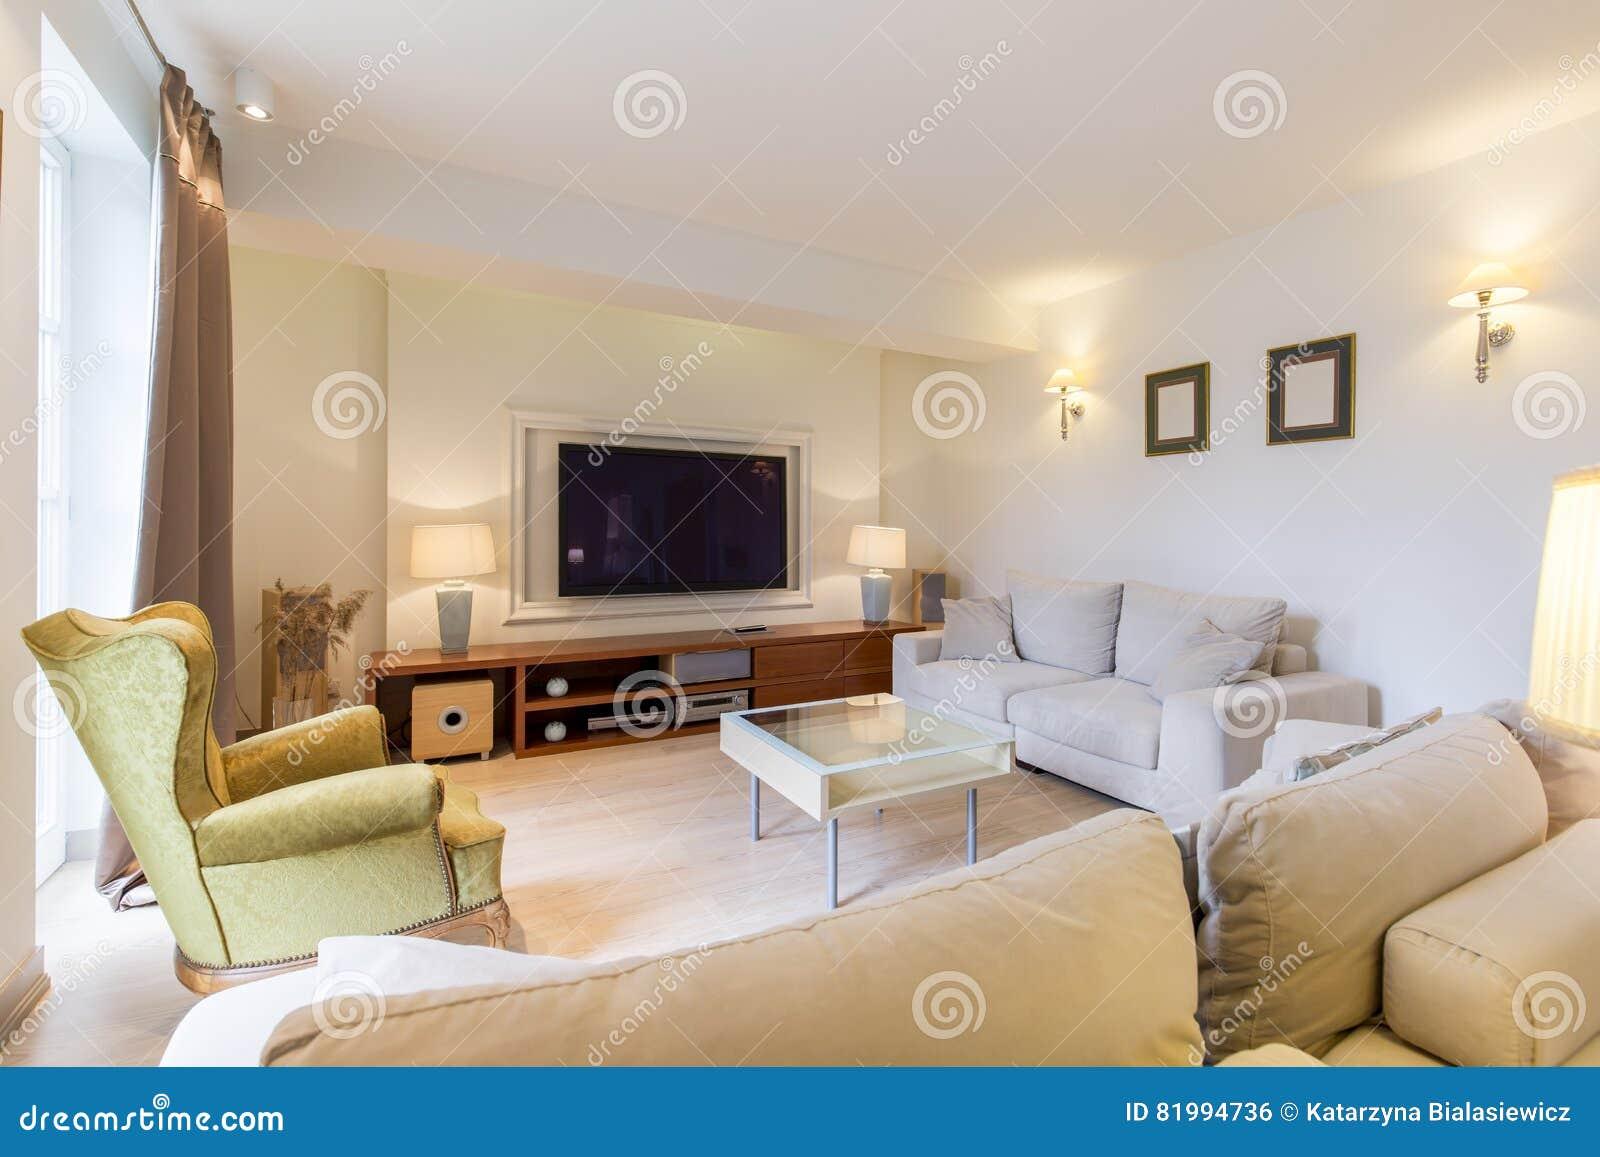 gem tliches wohnzimmer mit fernsehen stockfoto bild von raum m bel 81994736. Black Bedroom Furniture Sets. Home Design Ideas